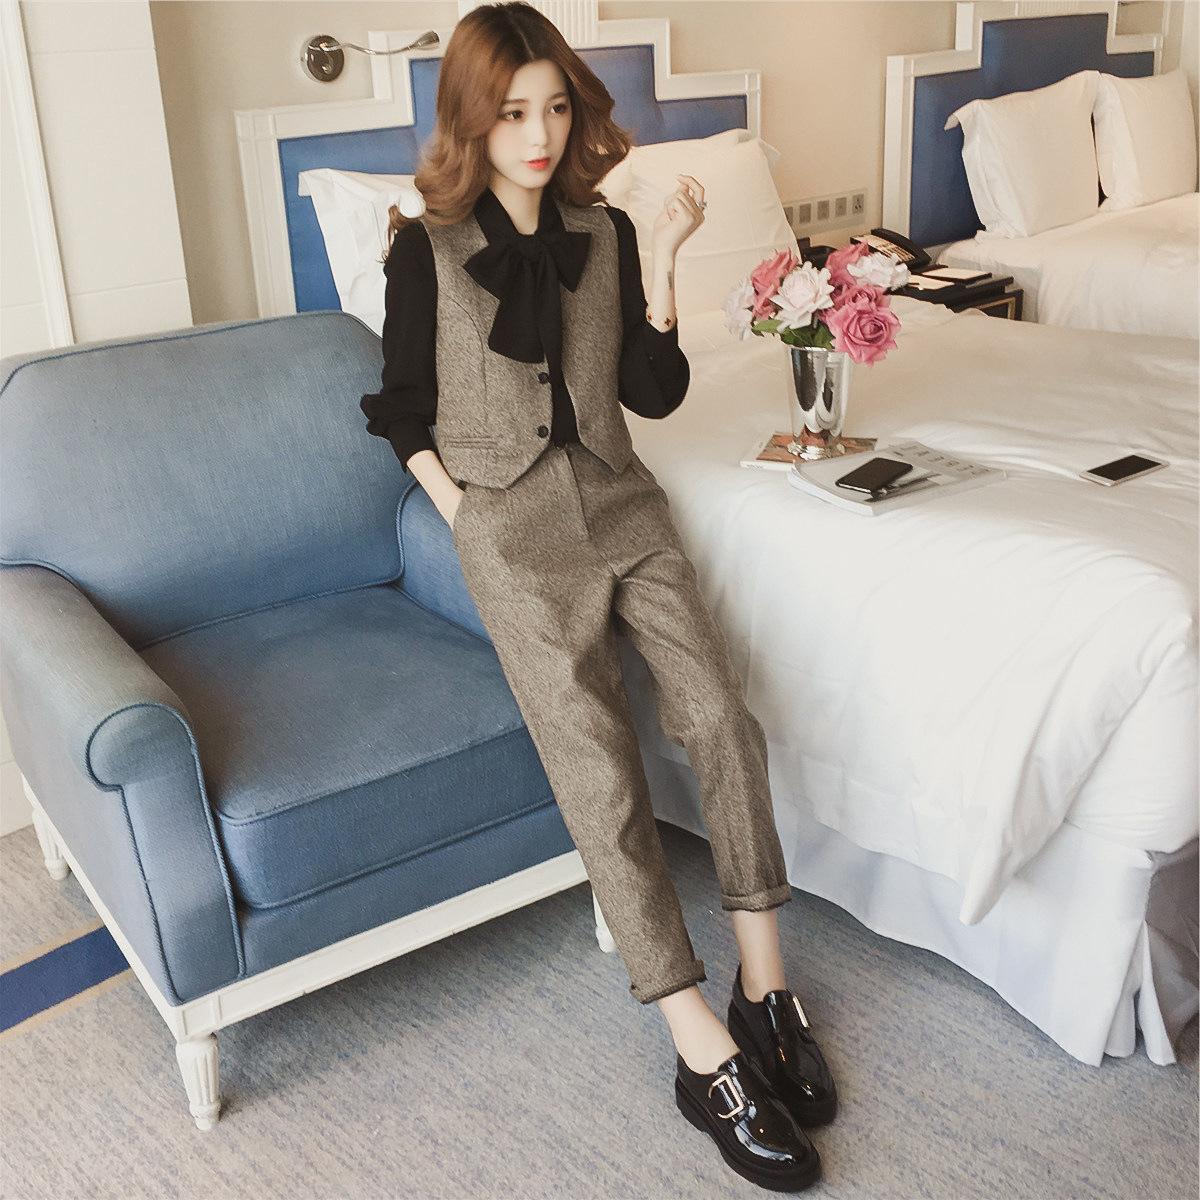 秋装新款职业套装女正装韩版职场气质修身休闲西装马甲时尚三件套